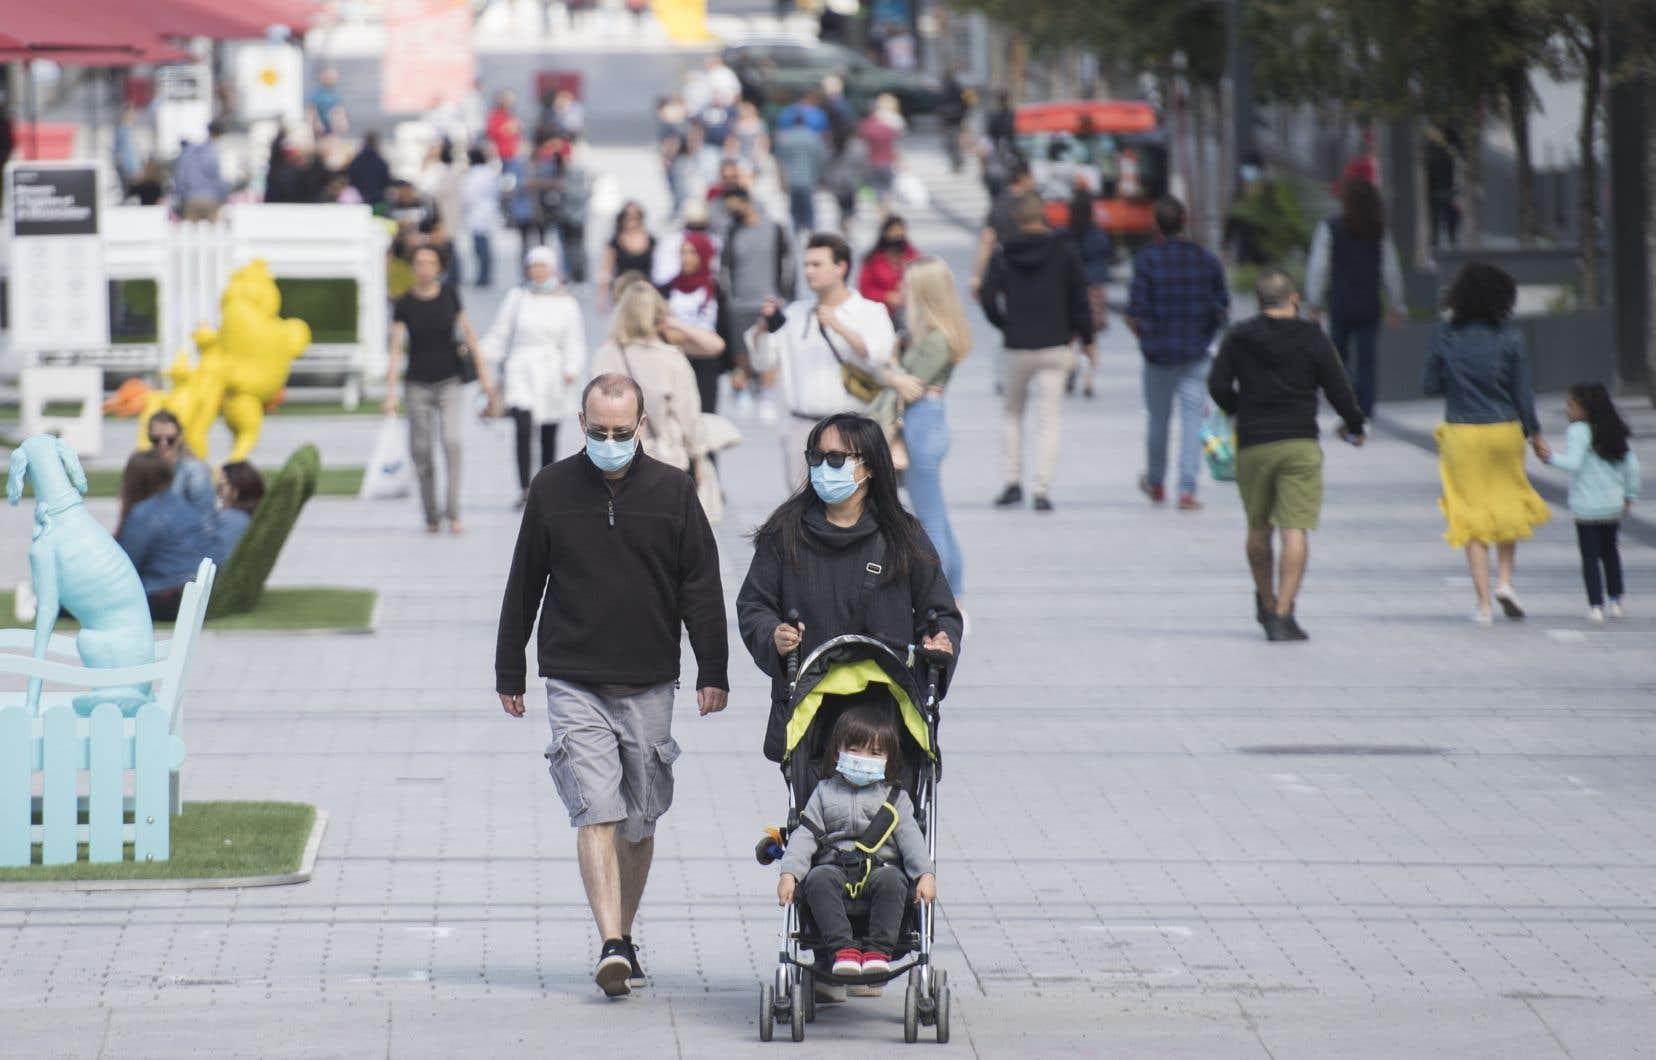 En mai, le Conference Board du Canada publiait une étude soulignant que Montréal se plaçait derrière les grandes villes de l'Ouest canadien au classement des villes les plus touchées par les effets de la pandémie.